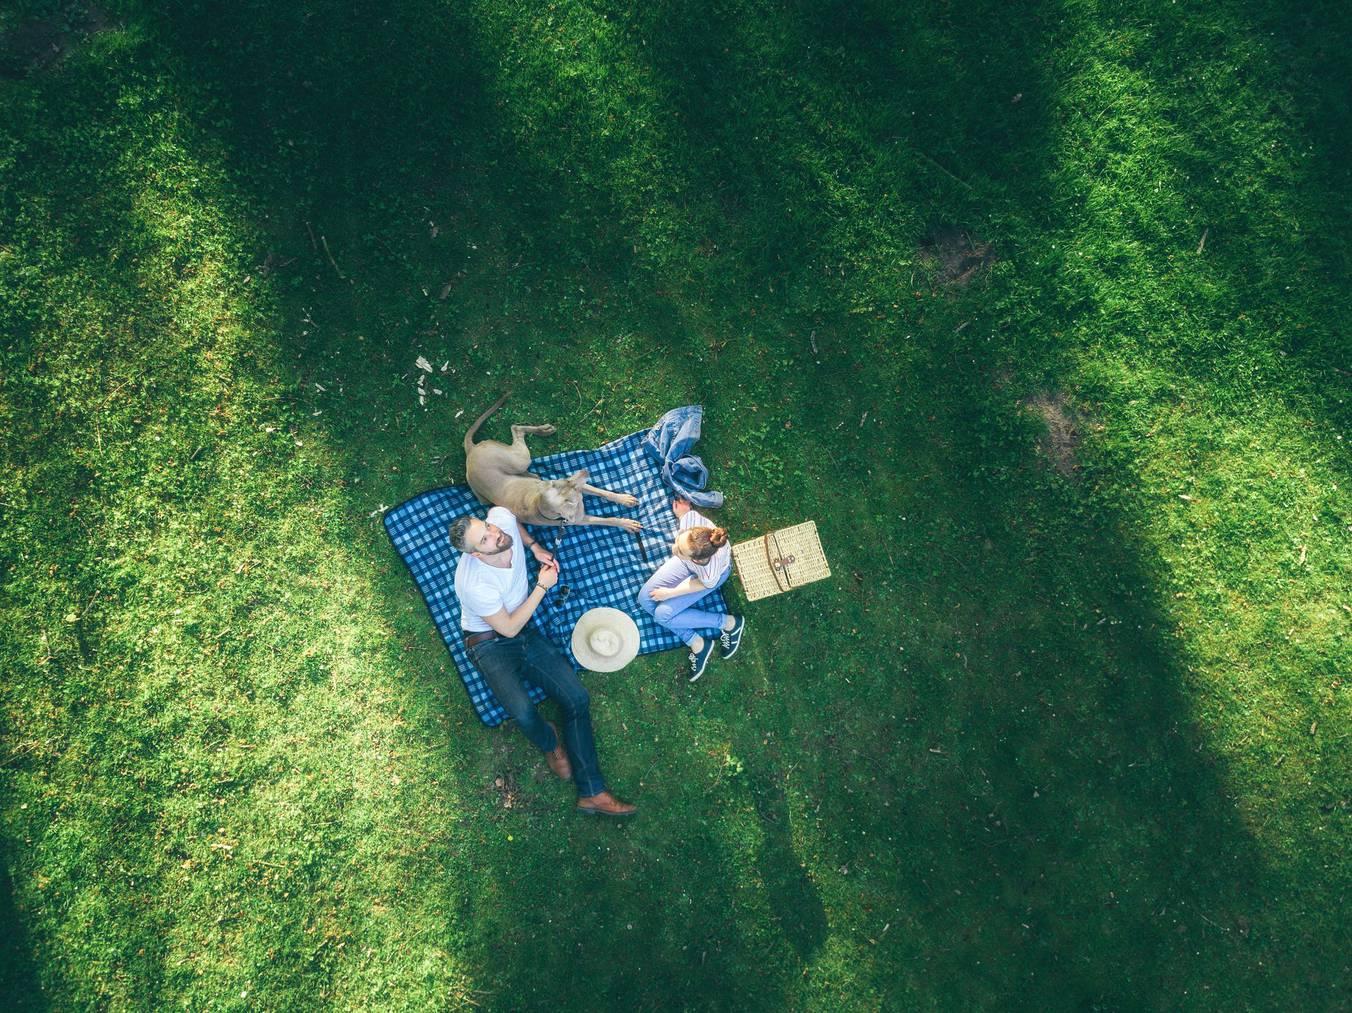 Picknick mit dem Liebsten auf deinem Schal. (Bild: istock)